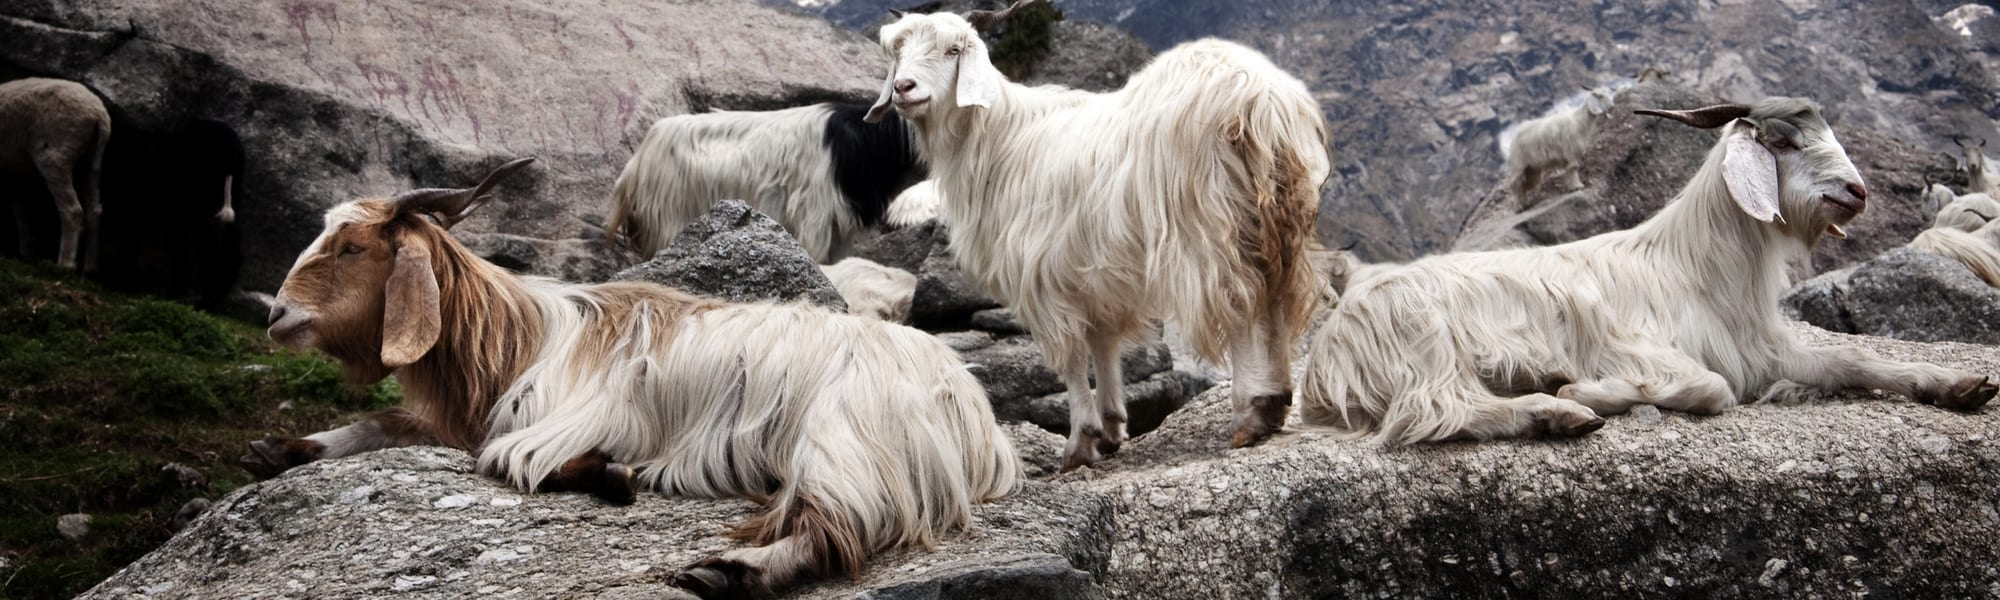 Kasjmier-geiten-in-hun-natuurlijke-omgeving